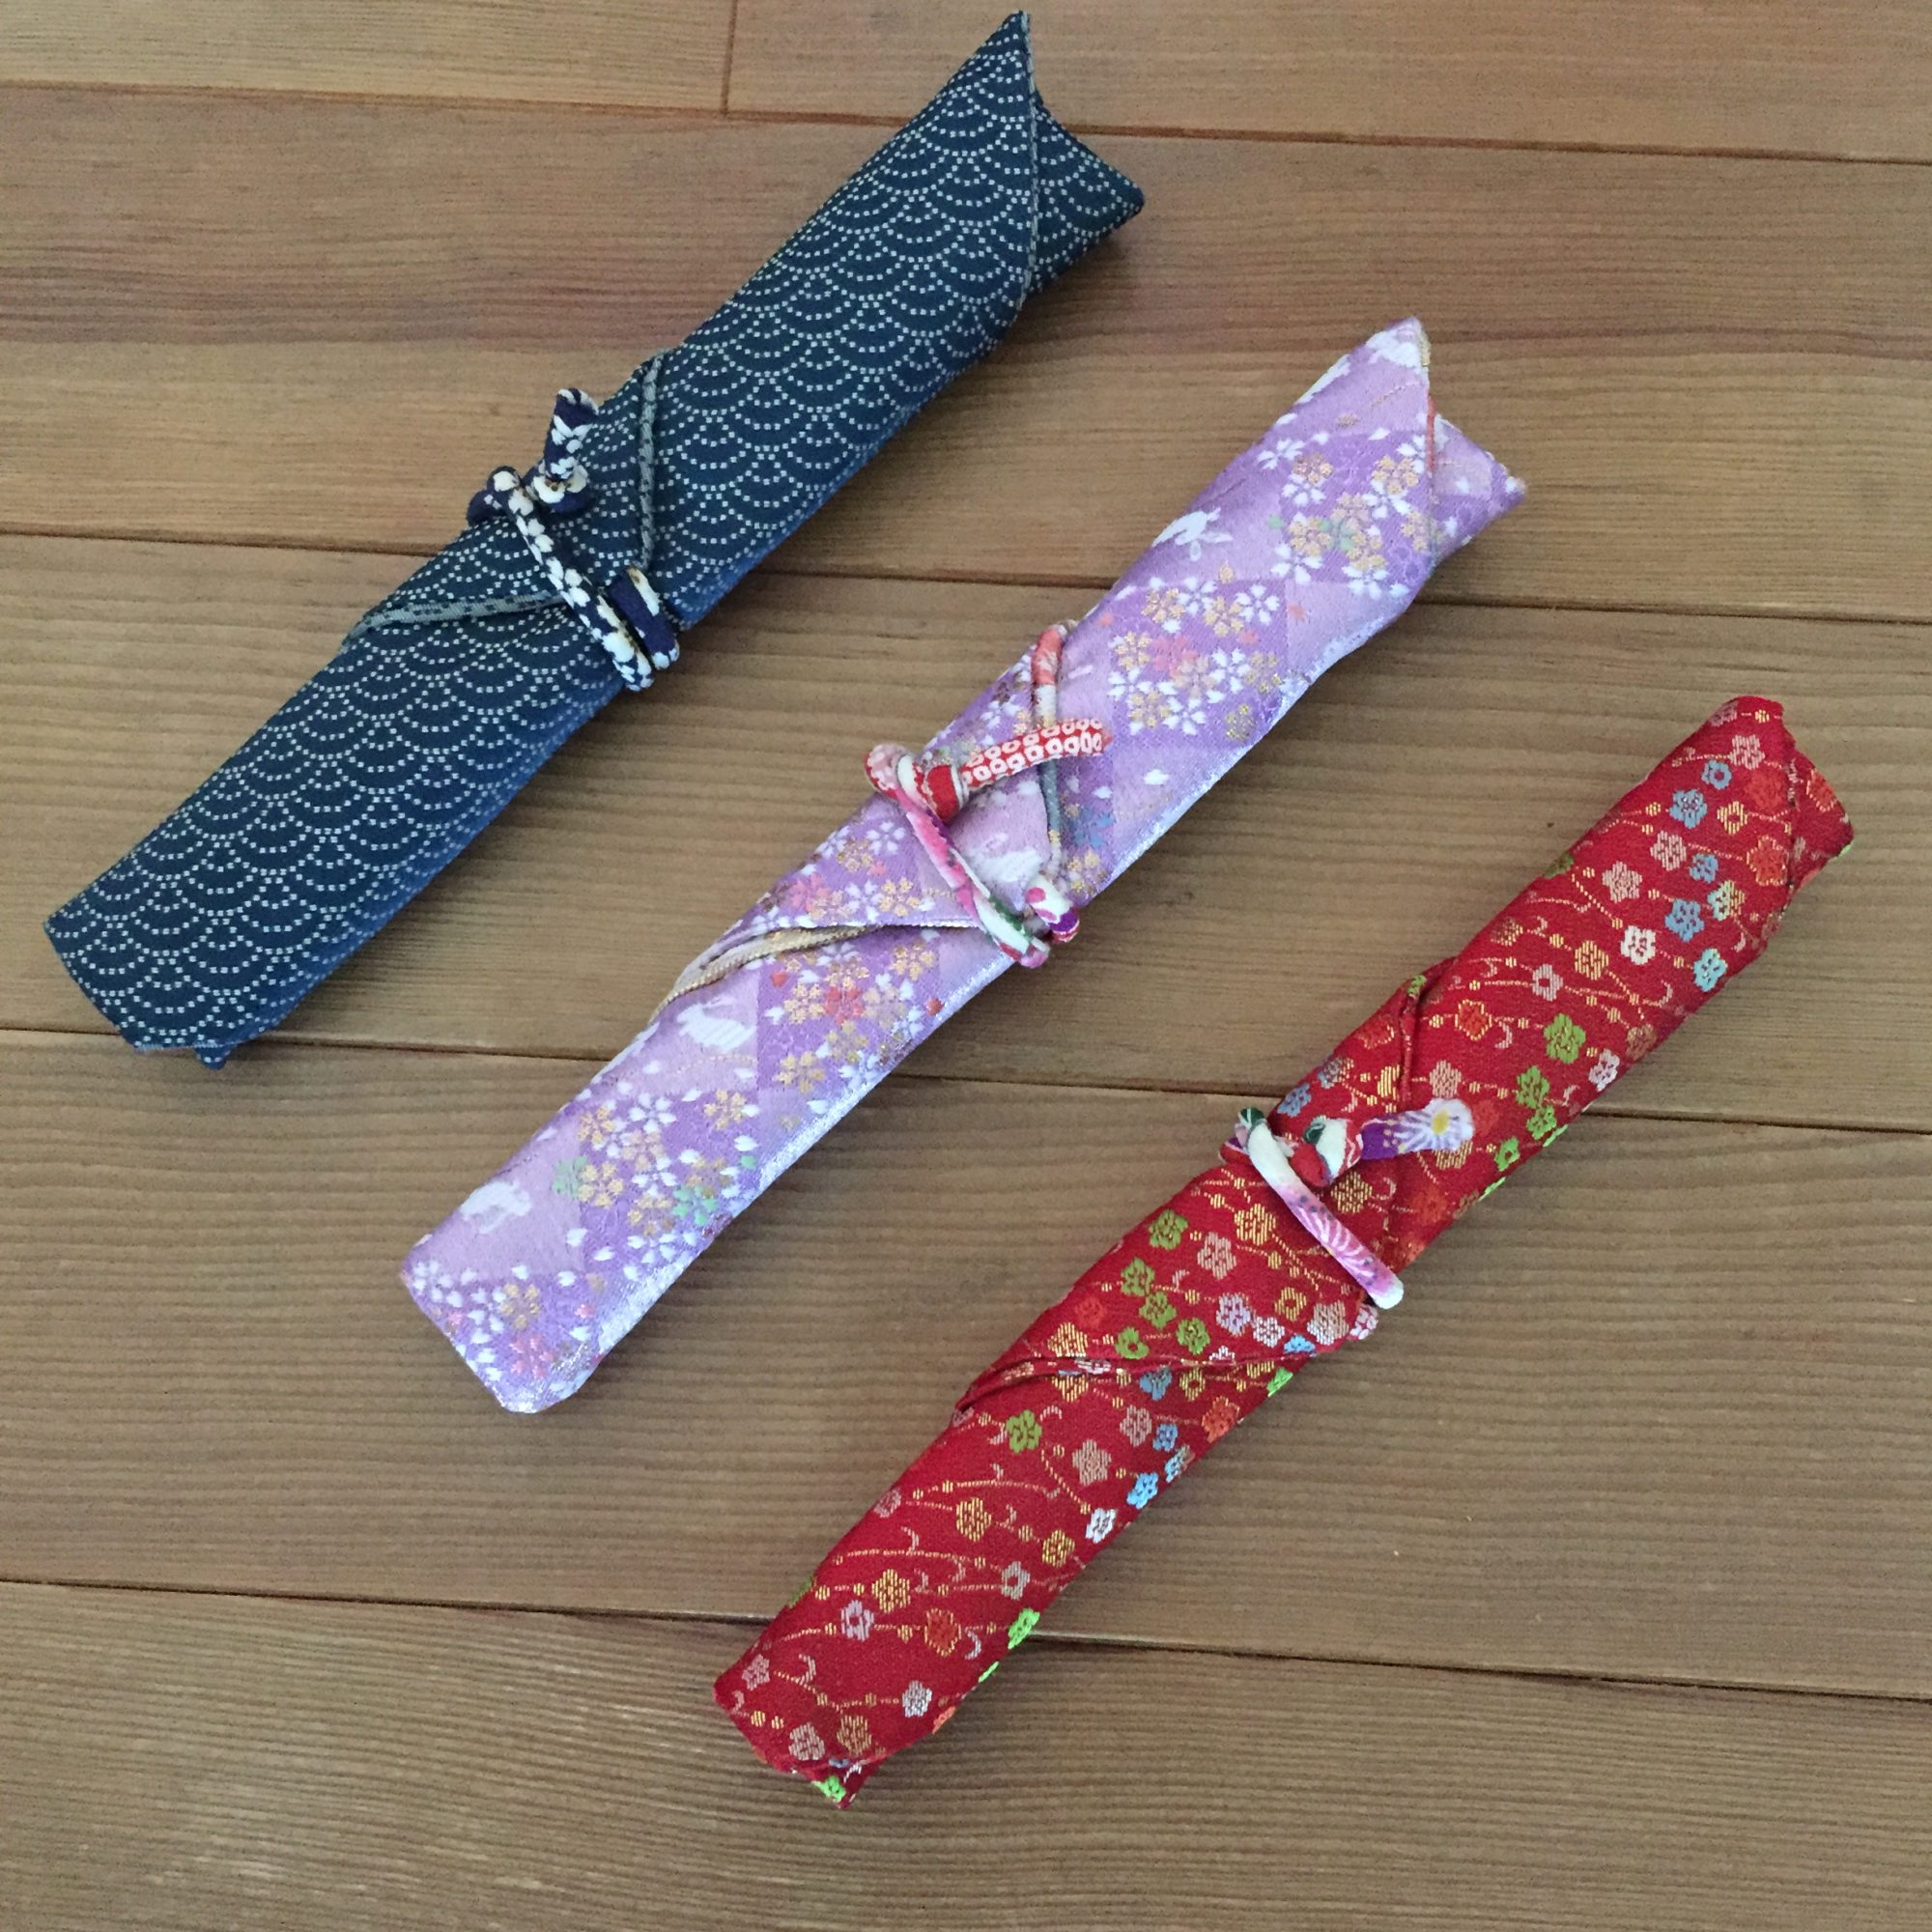 箸袋を作る〜日本文化を学ぶ〜